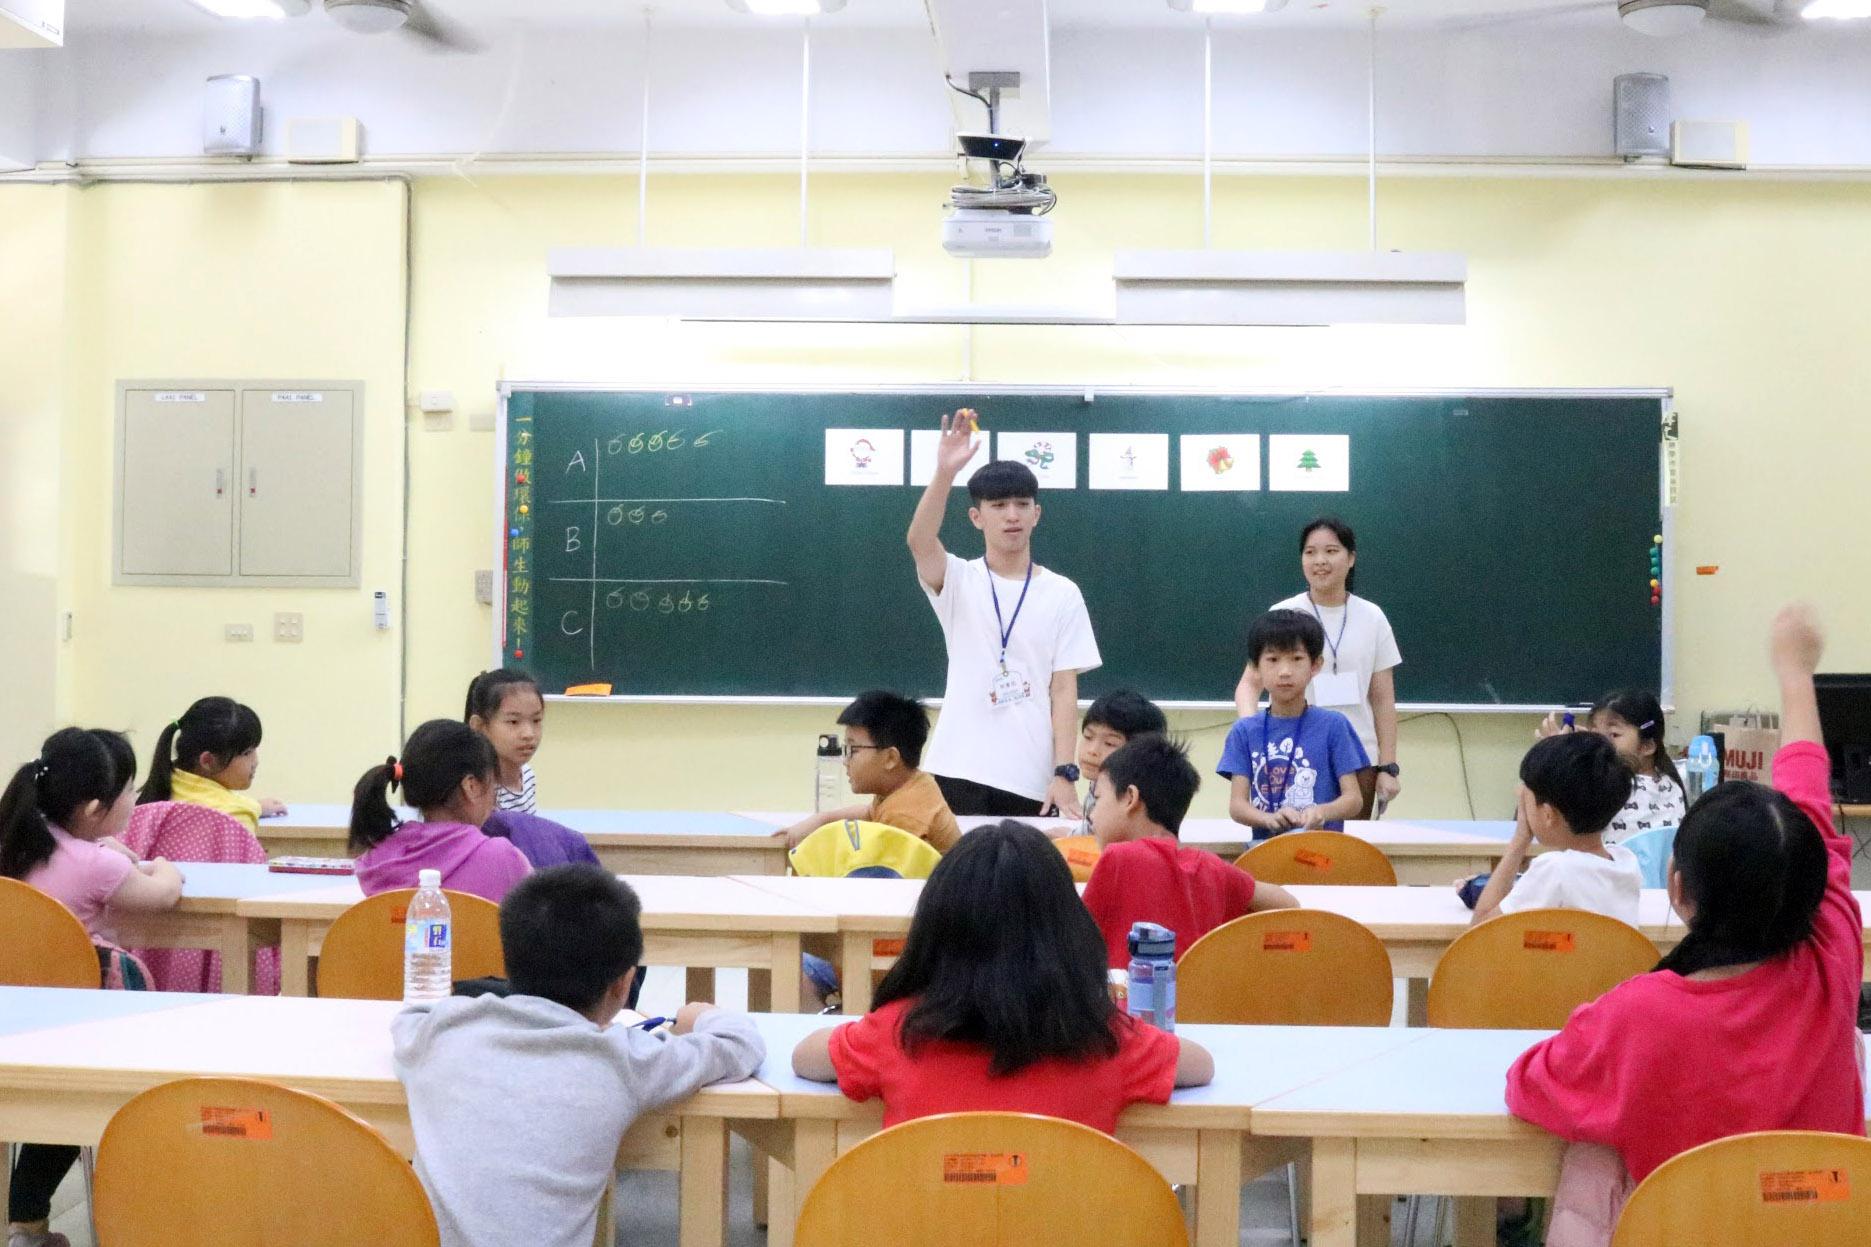 大葉大學英語系扶英計畫  學長姐經驗傳承  小朋友快樂學英語-一日英語營